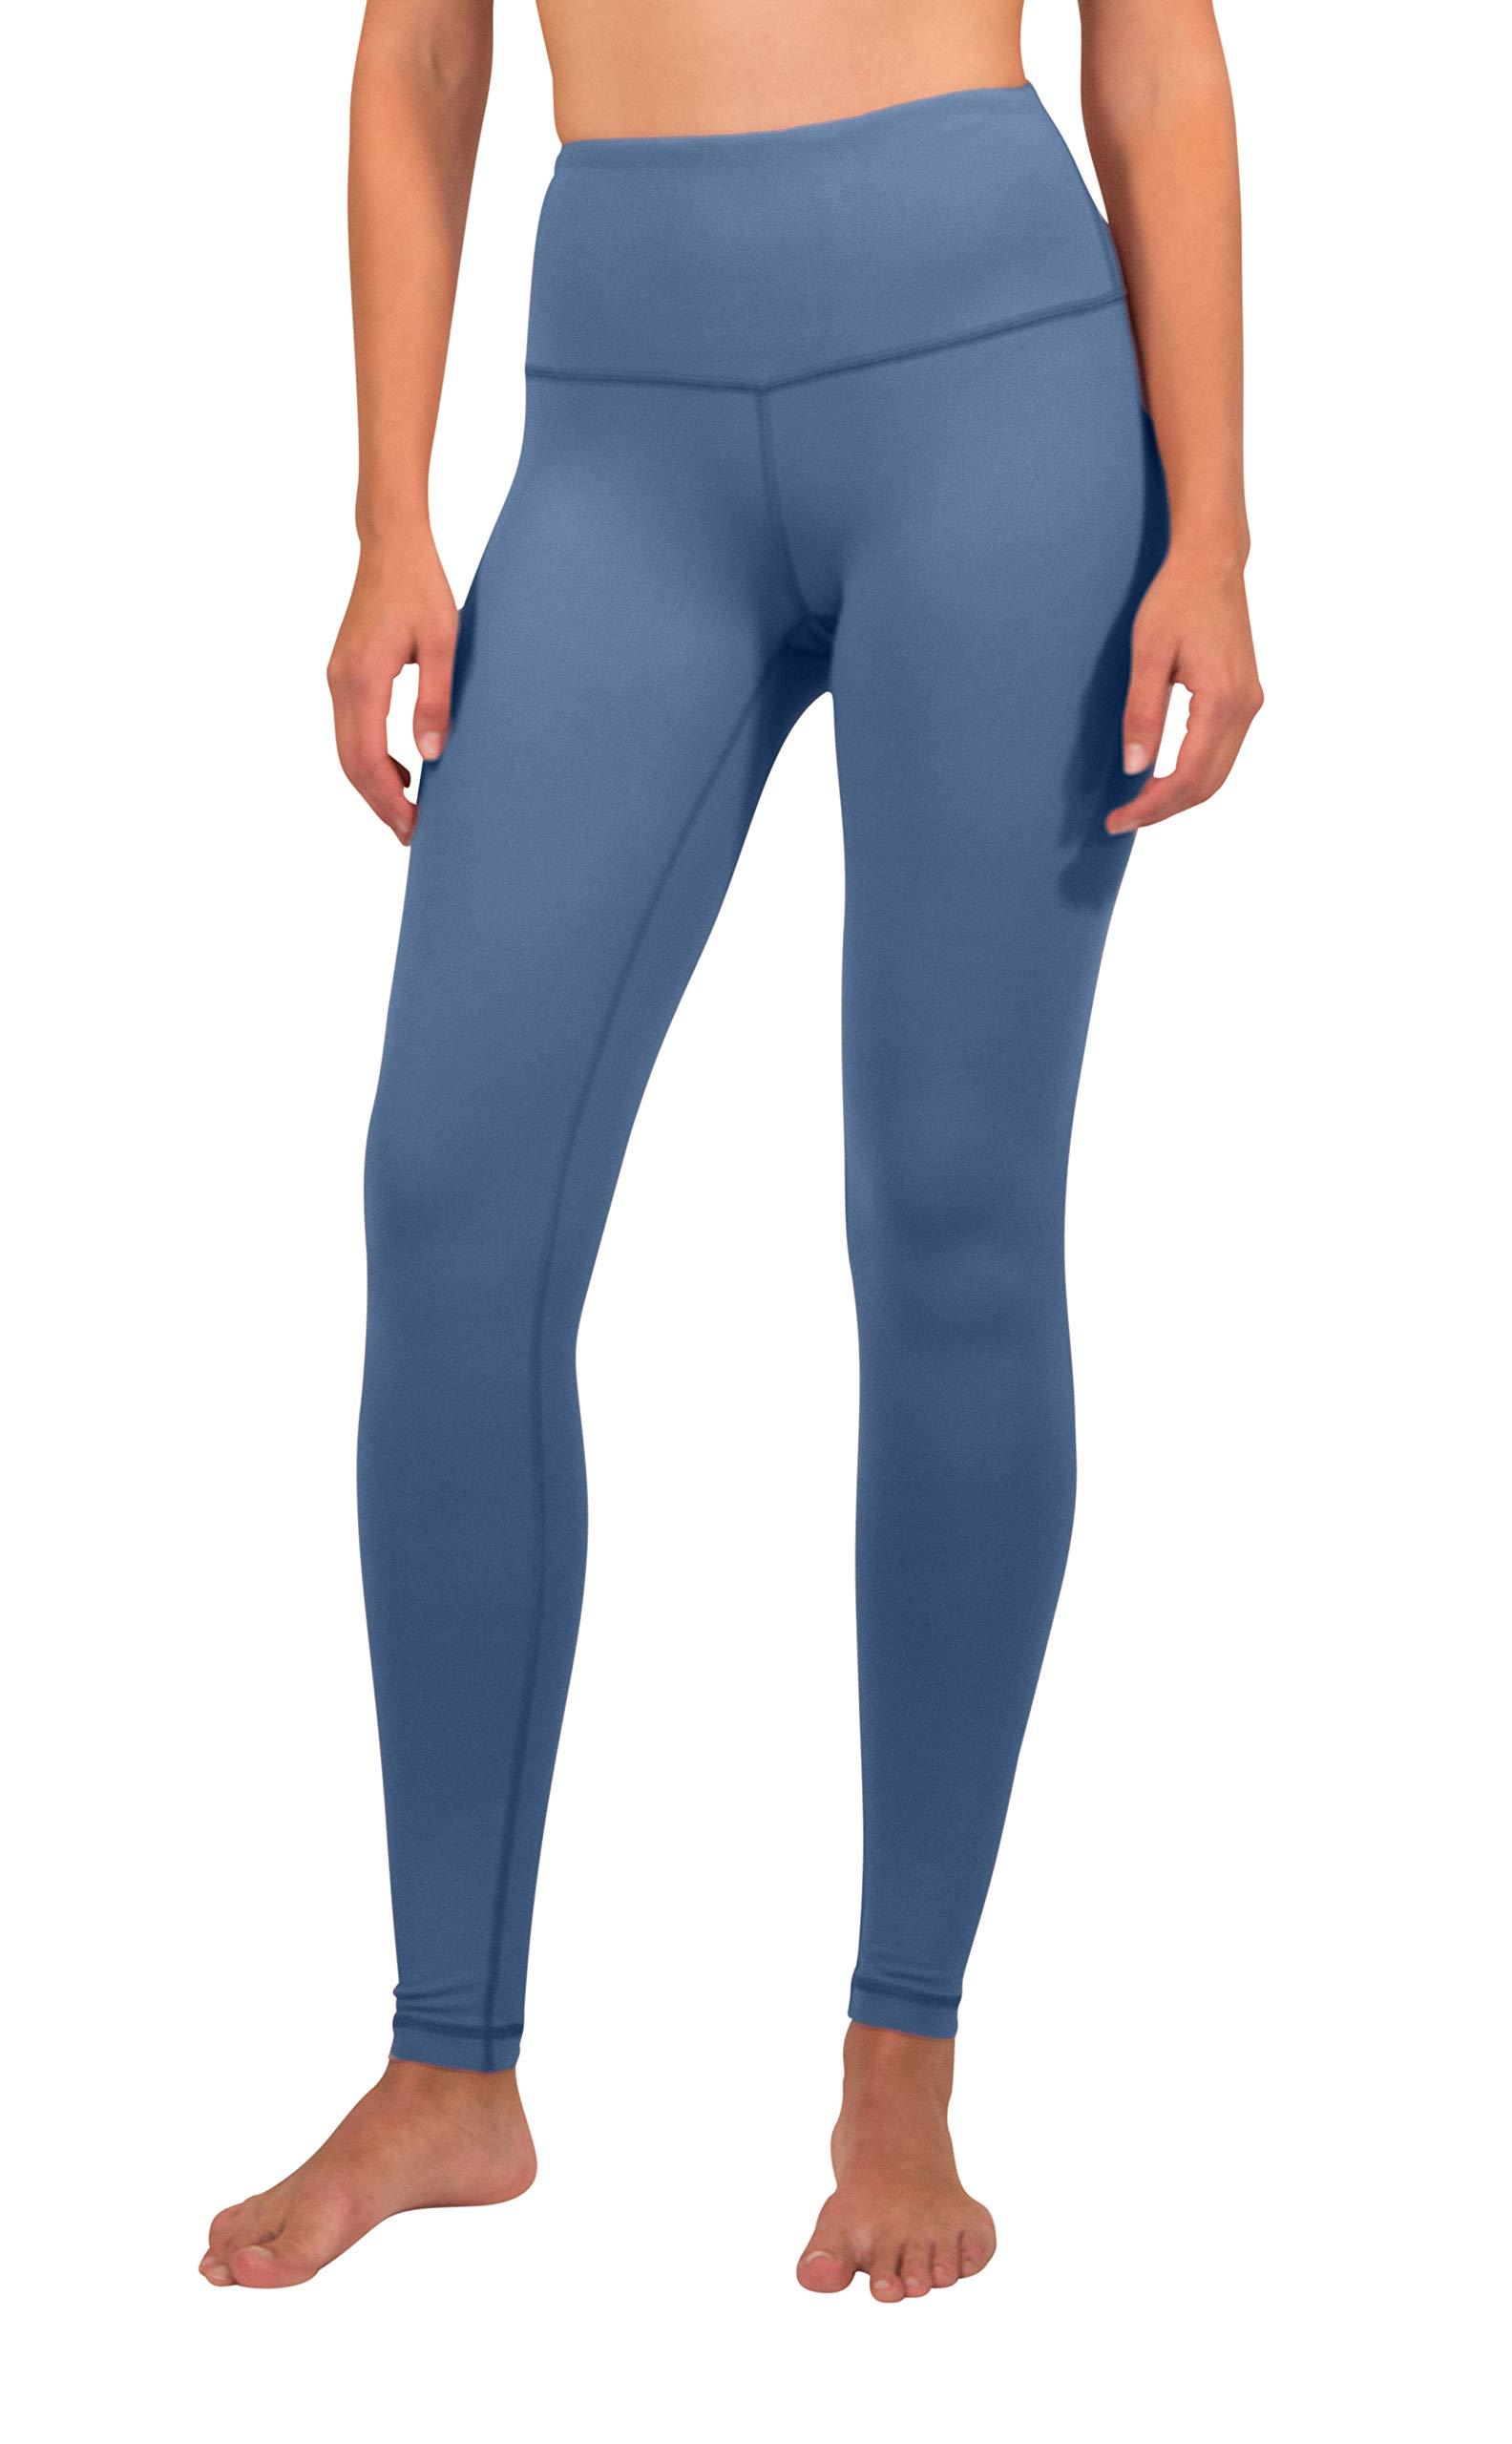 90 Degree By Reflex - High Waist Power Flex Legging - Tummy Control - Carbon Blue - Medium by 90 Degree By Reflex